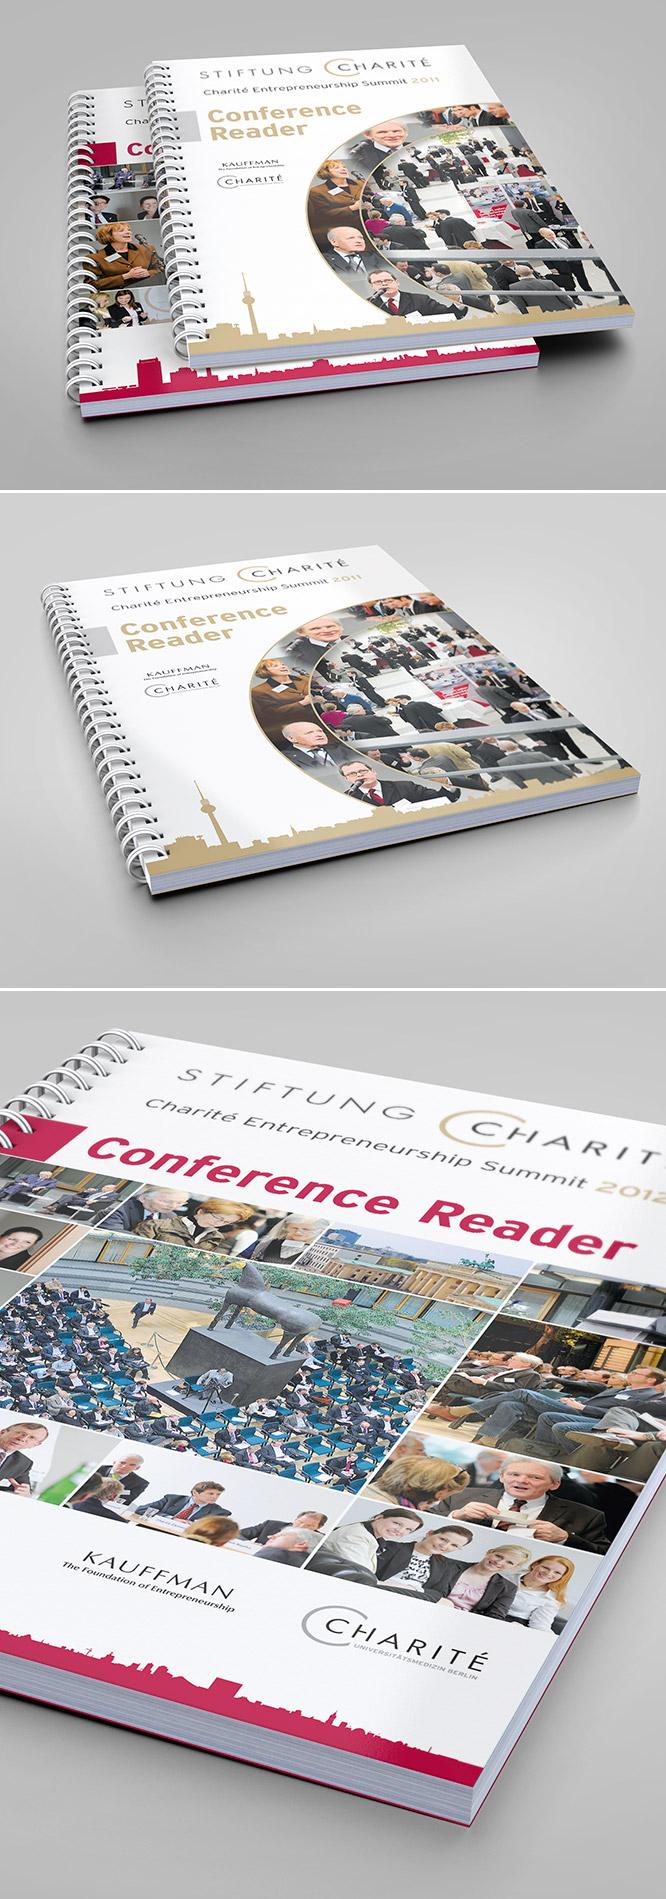 Printdesign Conference Reader Bröschüre für Stiftung Charité